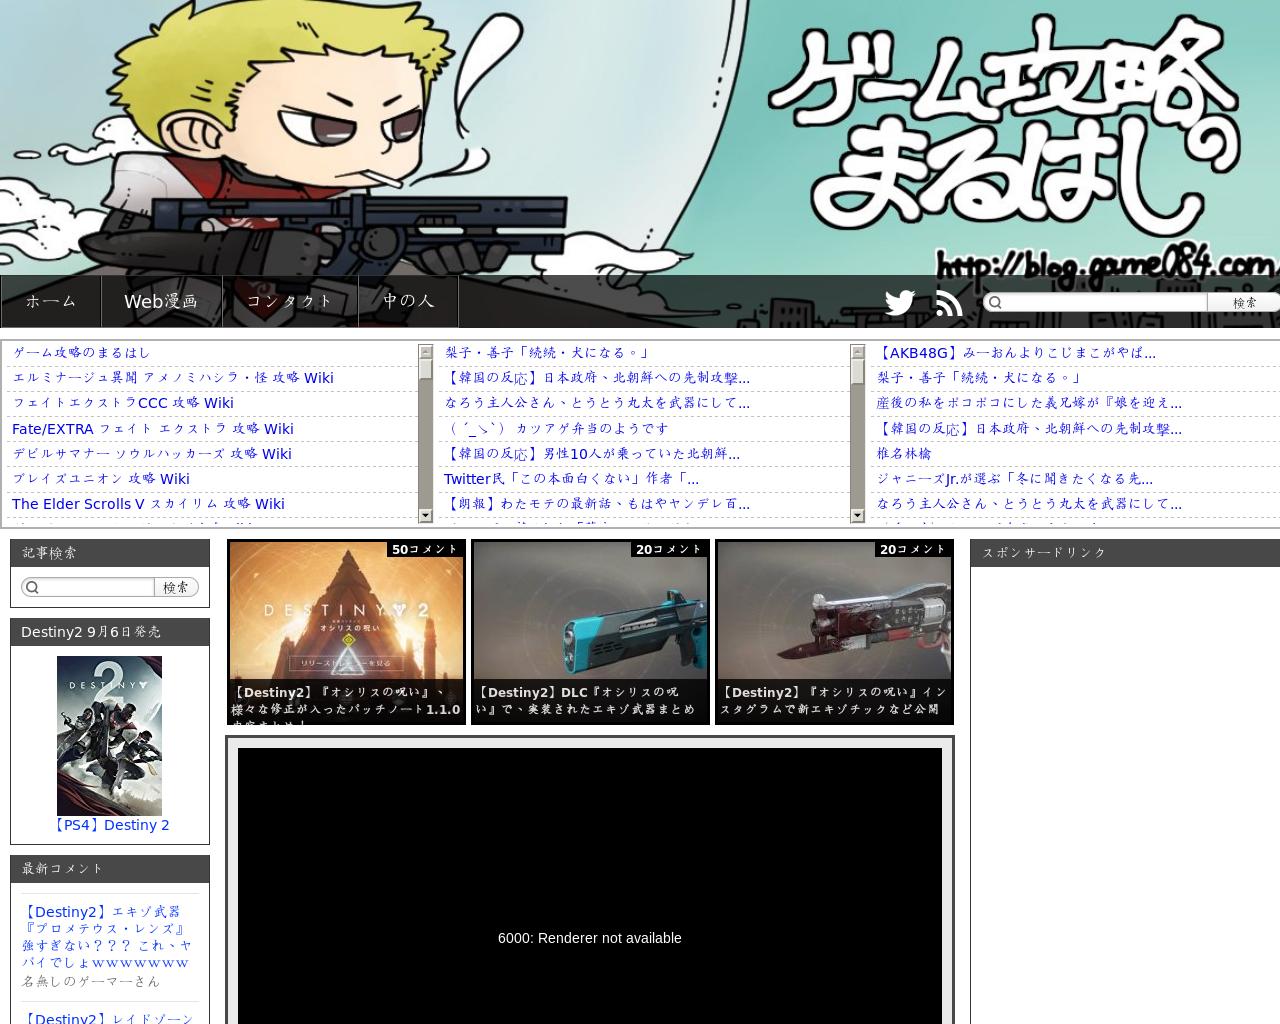 blog.game084.com(2017/12/07 21:40:27)